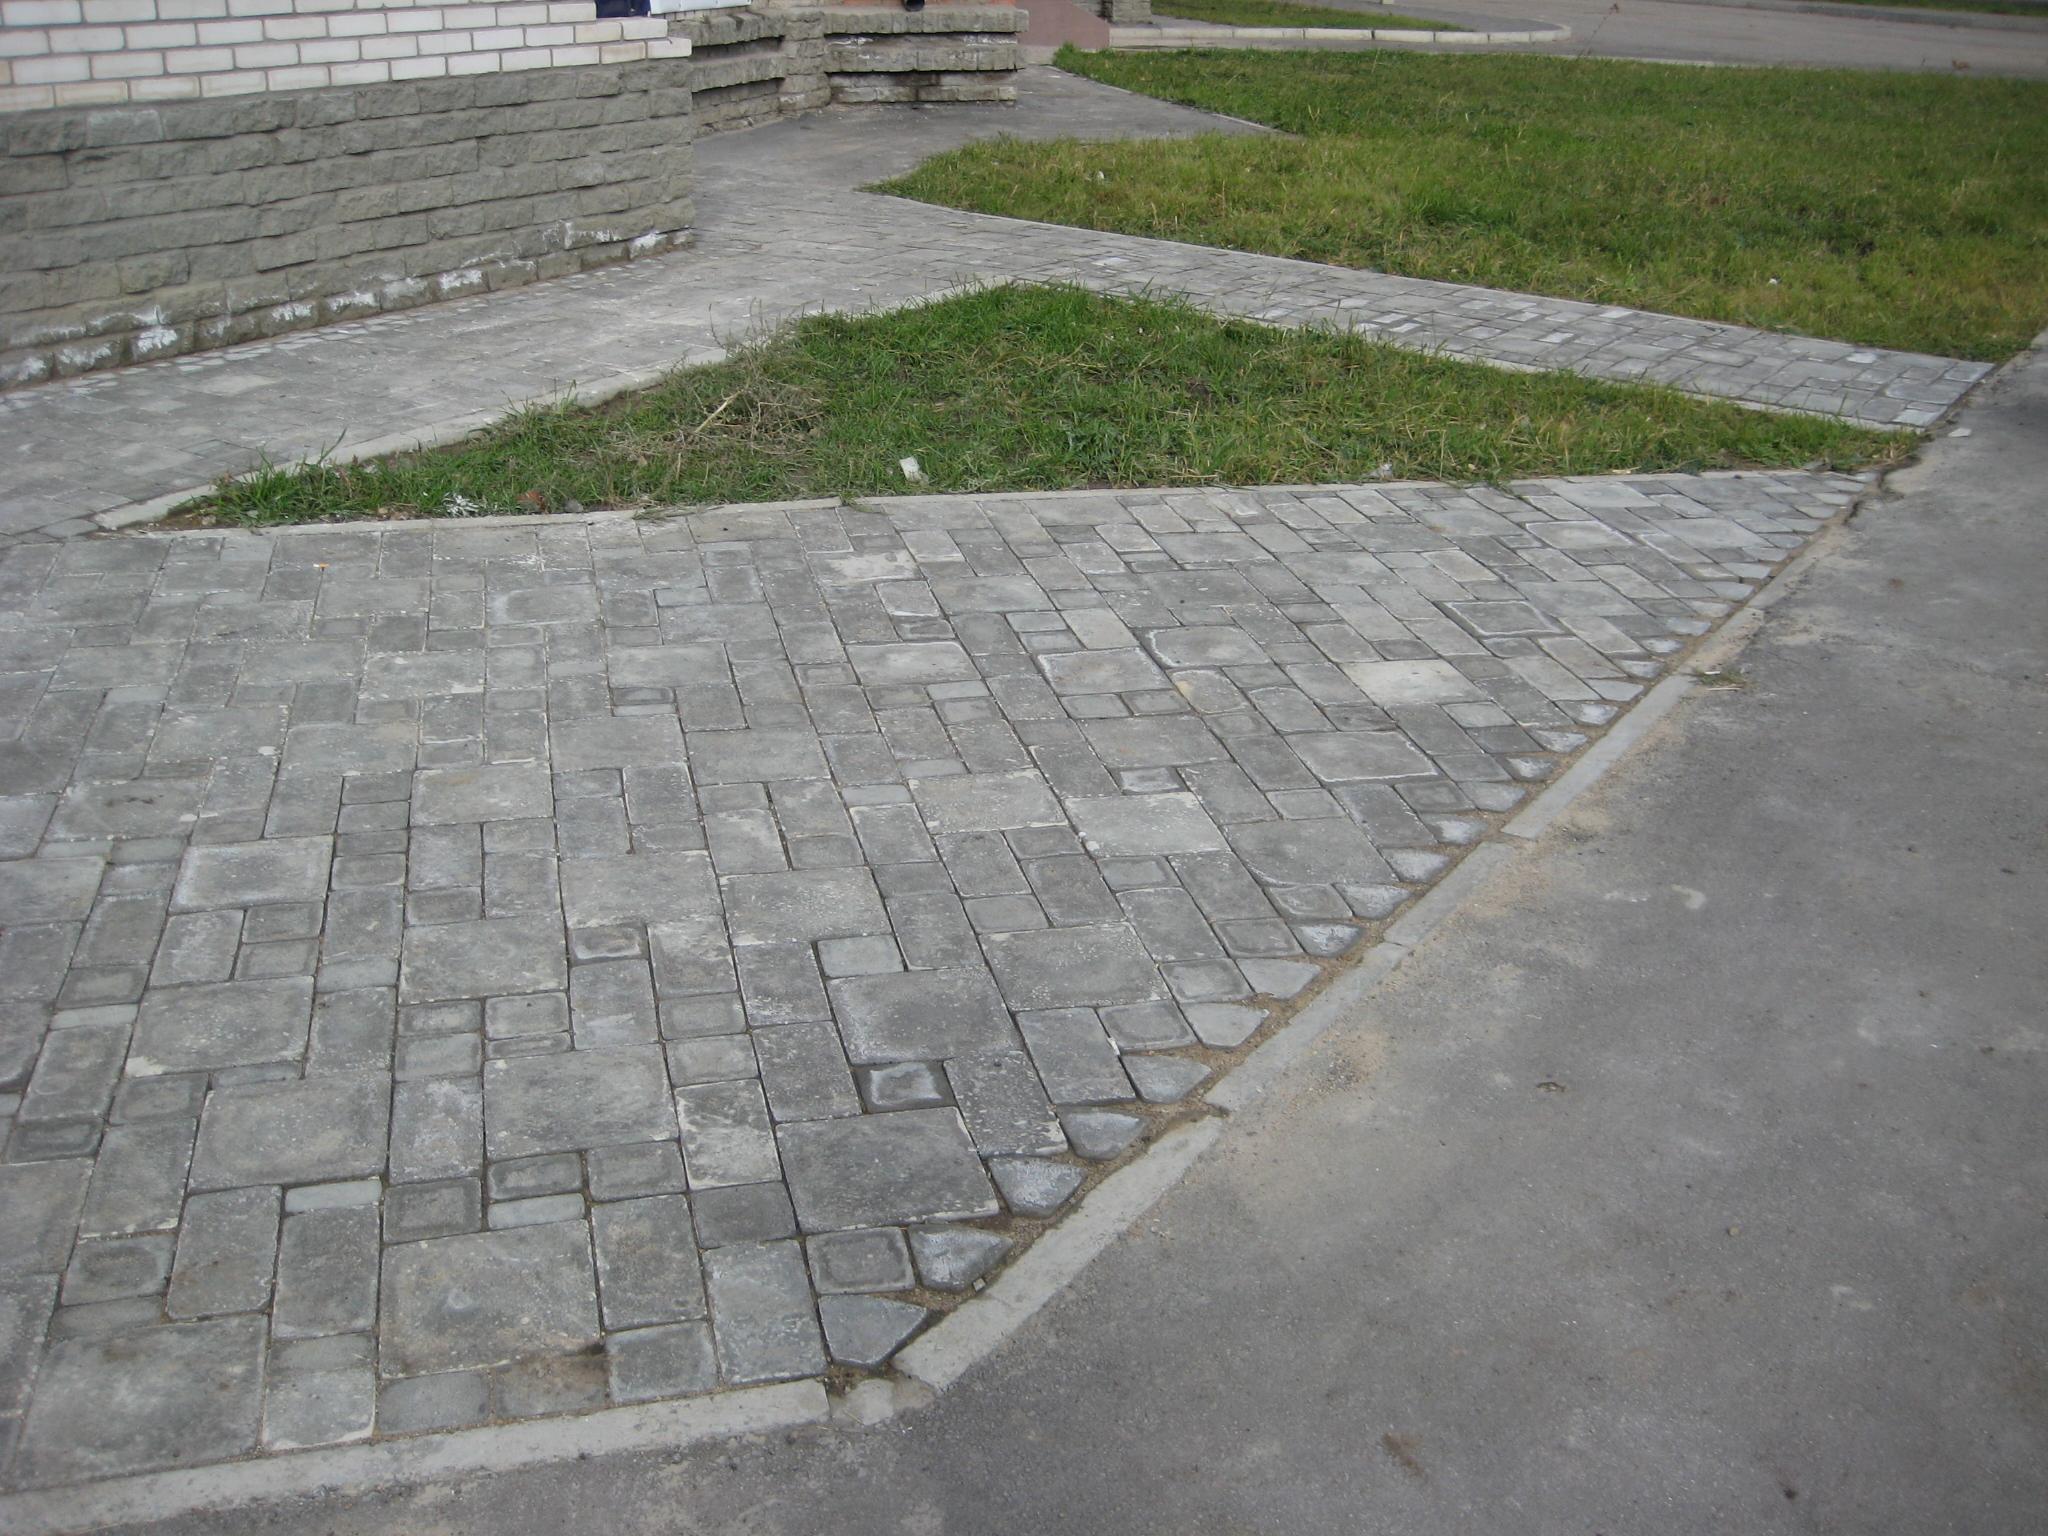 http://plitka-omsk55.ru/images/upload/IMG_2560.JPG